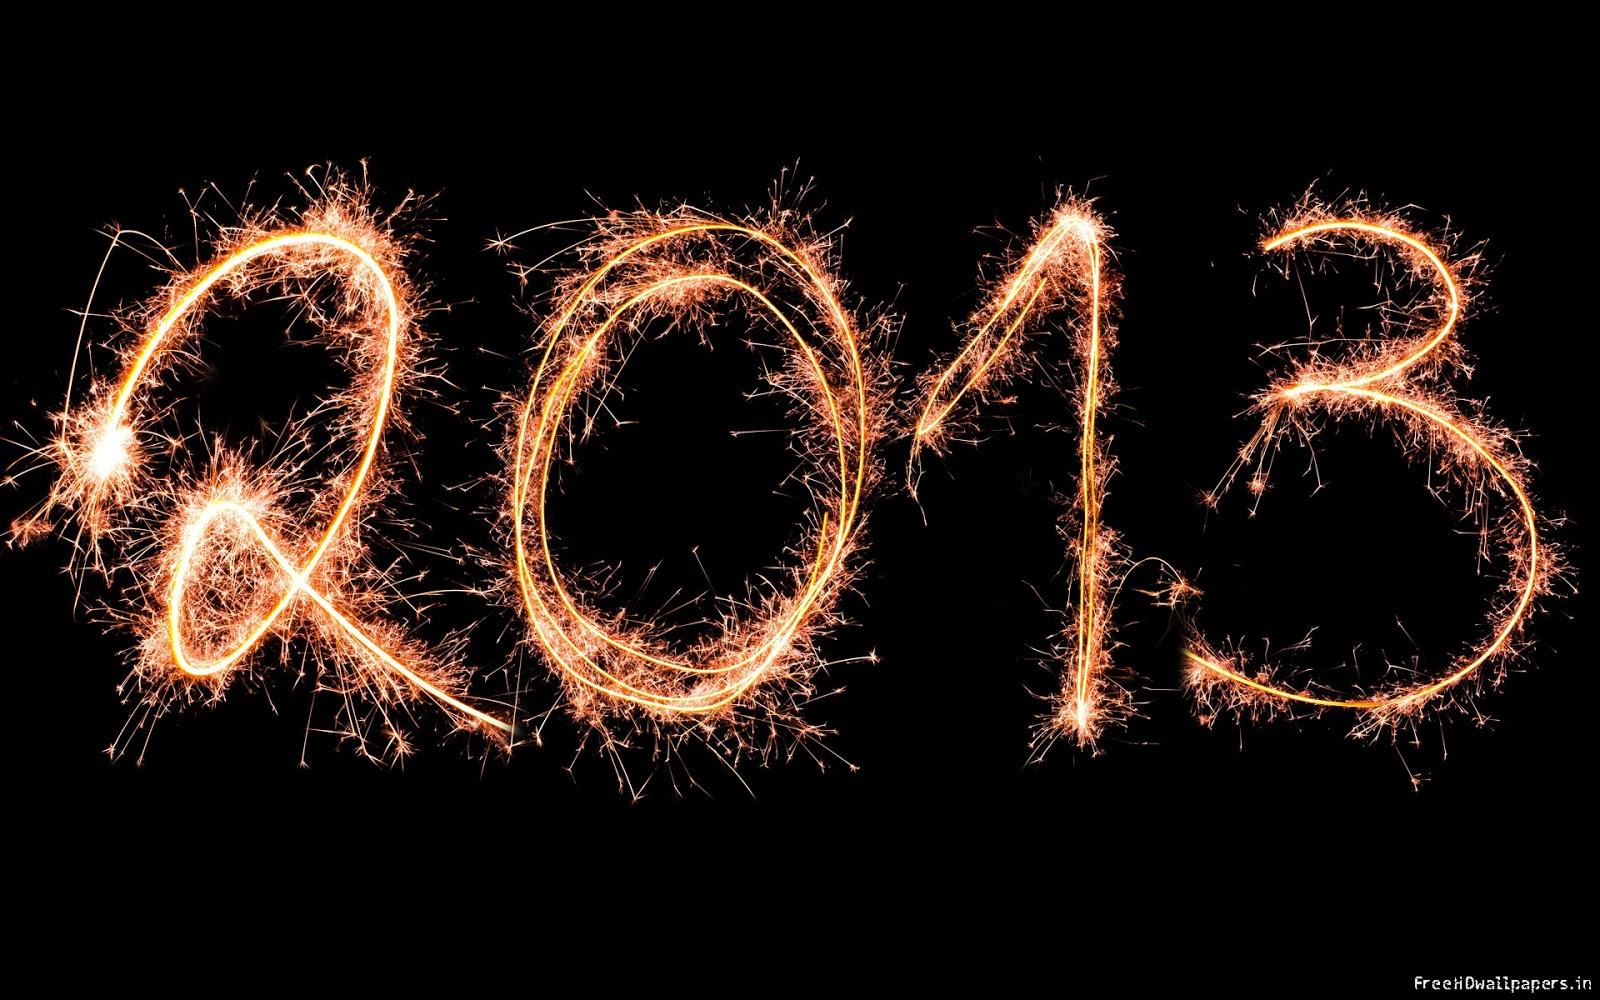 http://2.bp.blogspot.com/-ZS5VT5Ka6U0/UNbJ2fQkB9I/AAAAAAAAEZw/CtL3p_HZ8Og/s1600/2013-happy-new-year-hd-wallpapers-2.jpg